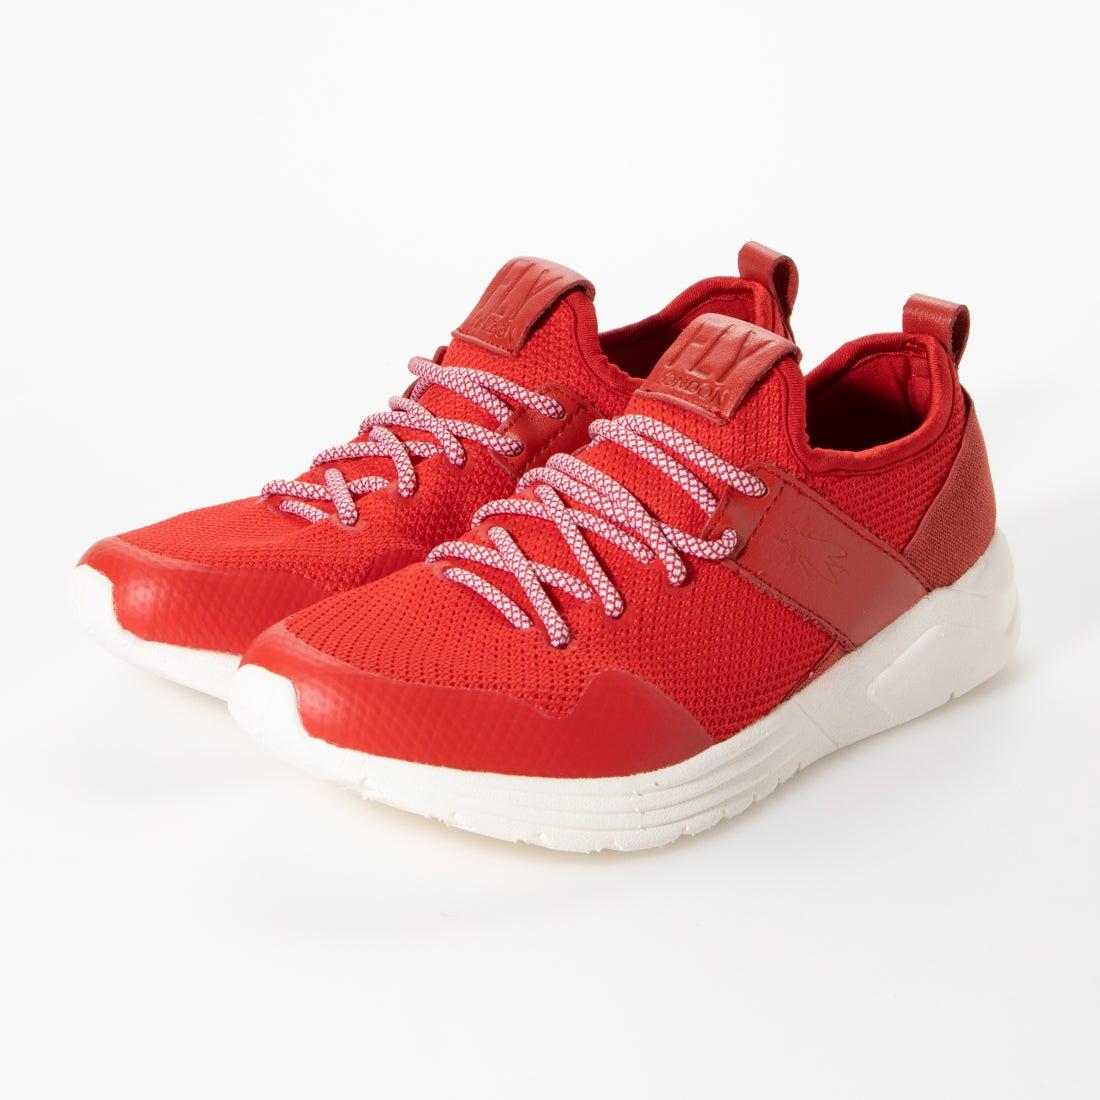 ヨーロッパコンフォートシューズ EU Comfort Shoes FLYLONDON スニーカー (レッド)